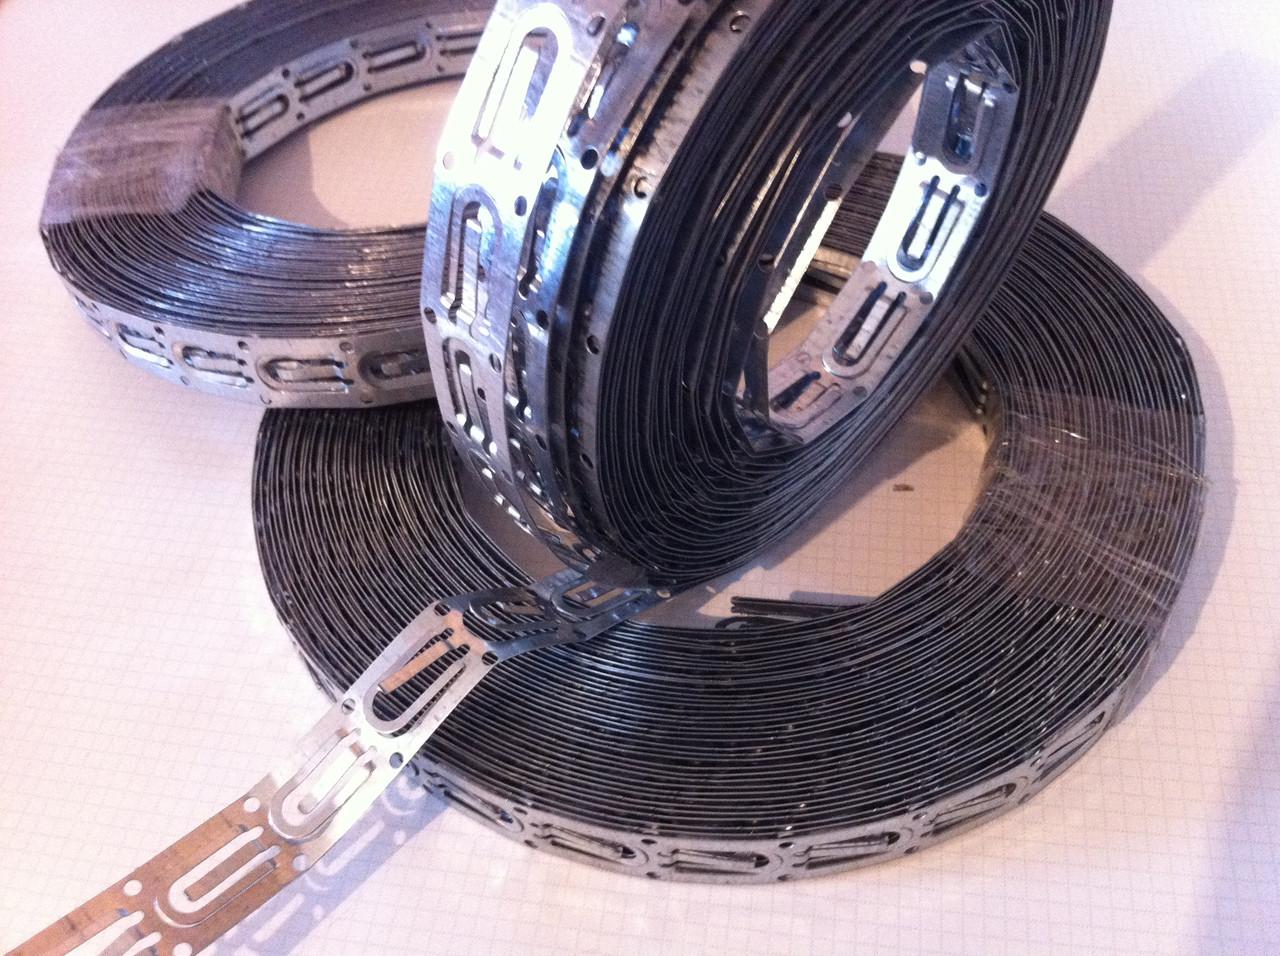 Оцинкованная стальная монтажная лента для крепления кабеля ( 20 метров )